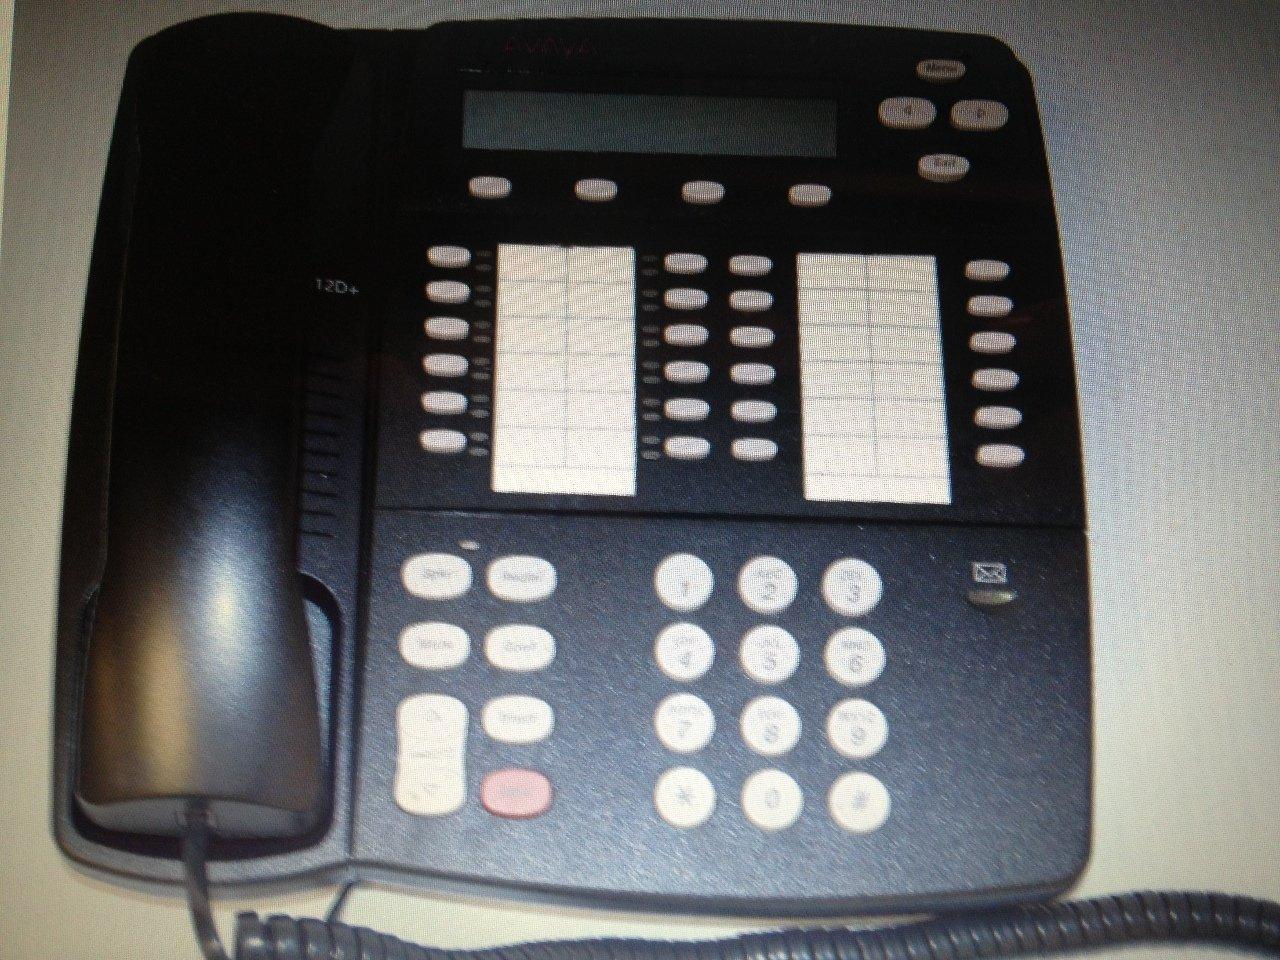 Avaya Magix 4412D+ Telephone Black